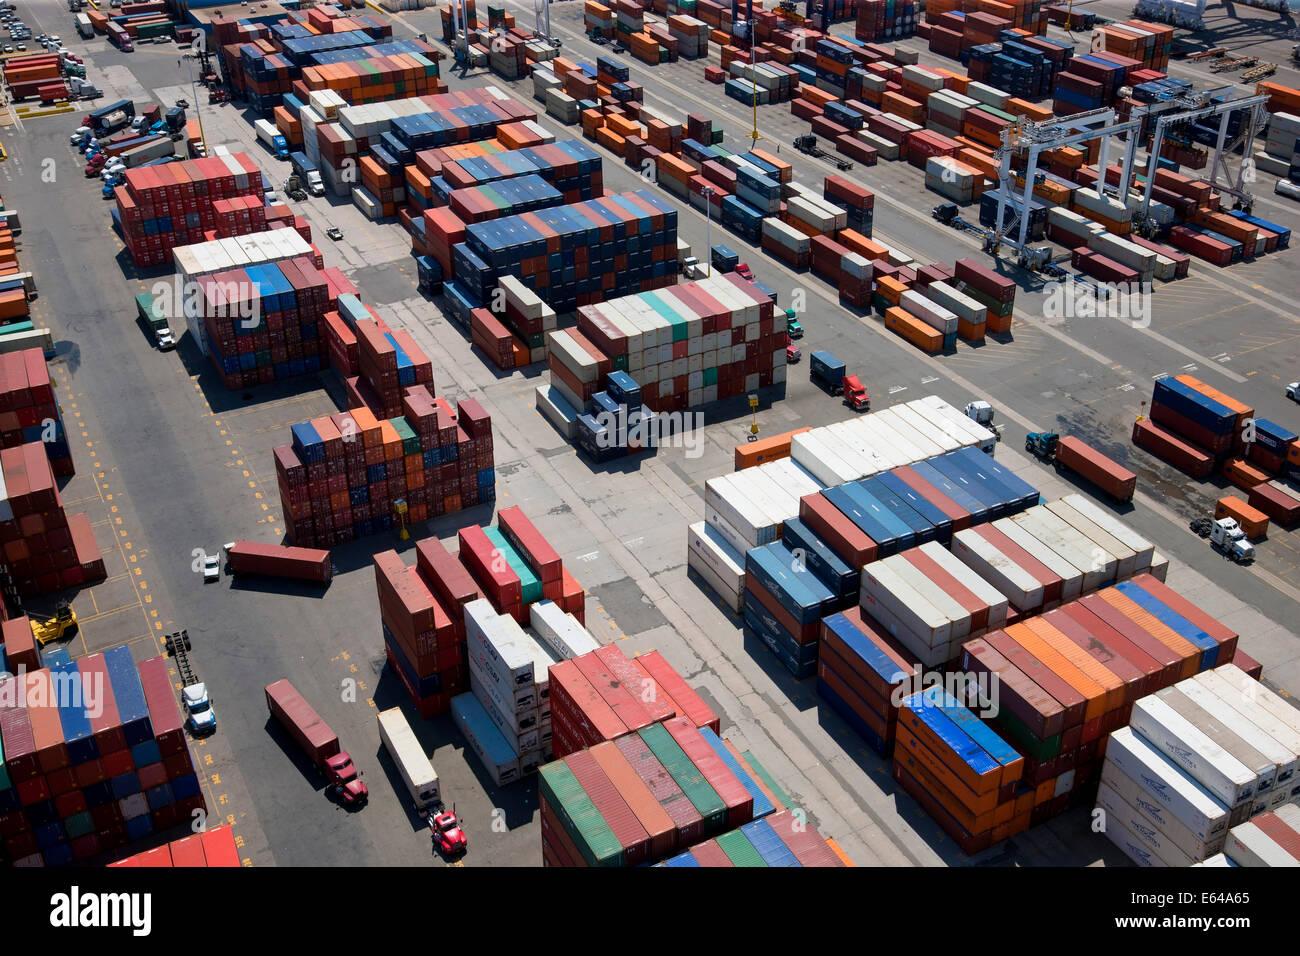 Vista aérea del puerto de contenedores, Bayonne, Nueva Jersey, EE.UU. A. Imagen De Stock